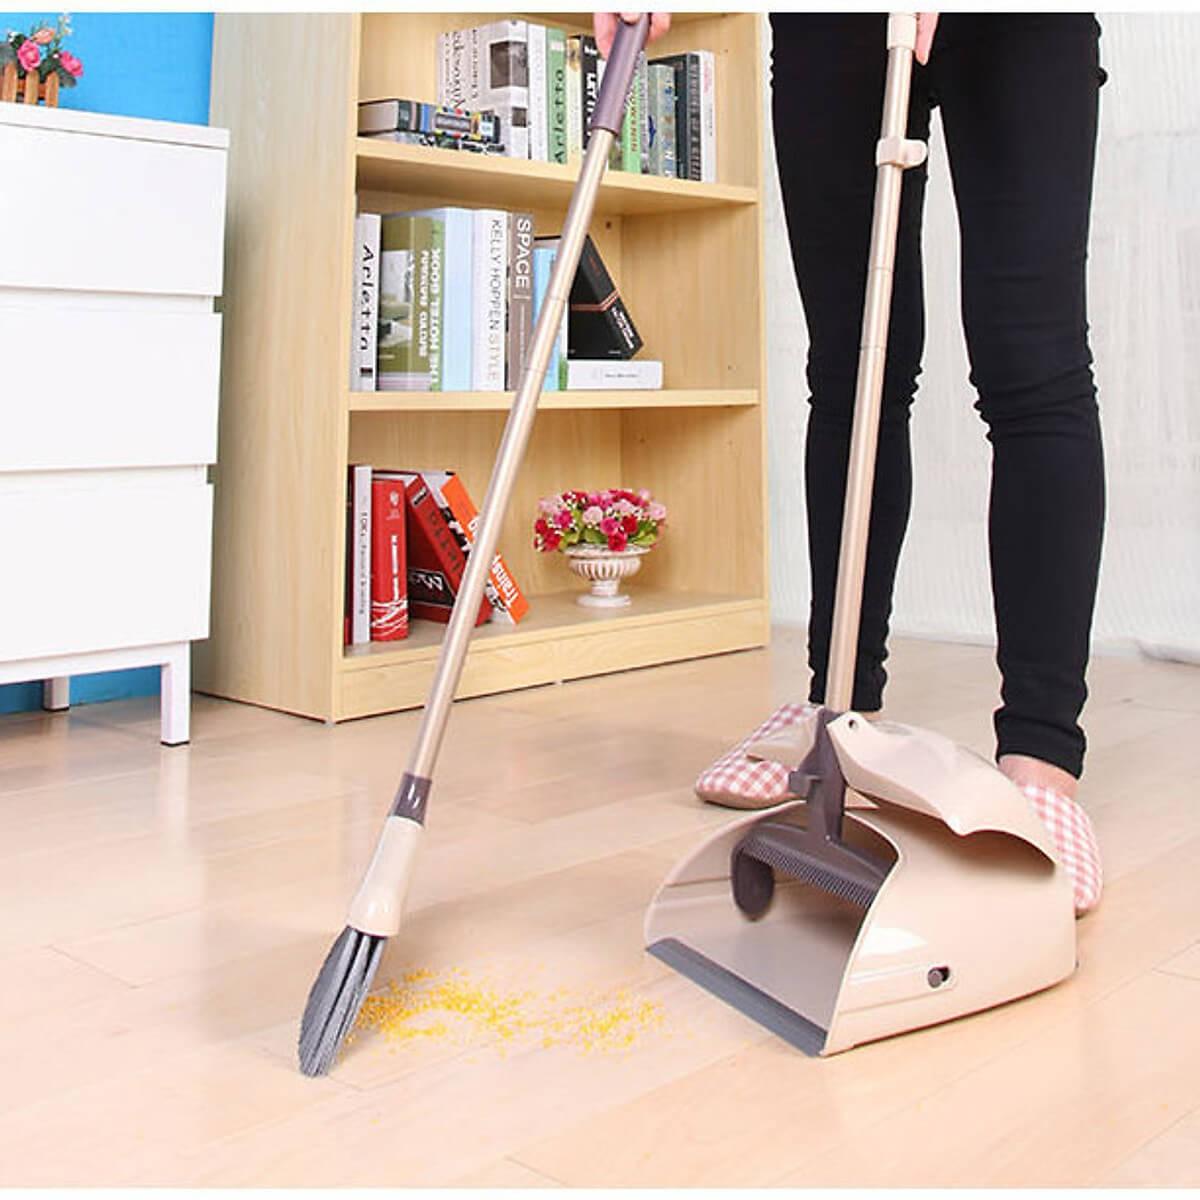 Thường không quét nhà trước là sai lầm khi dùng nước lau nhà